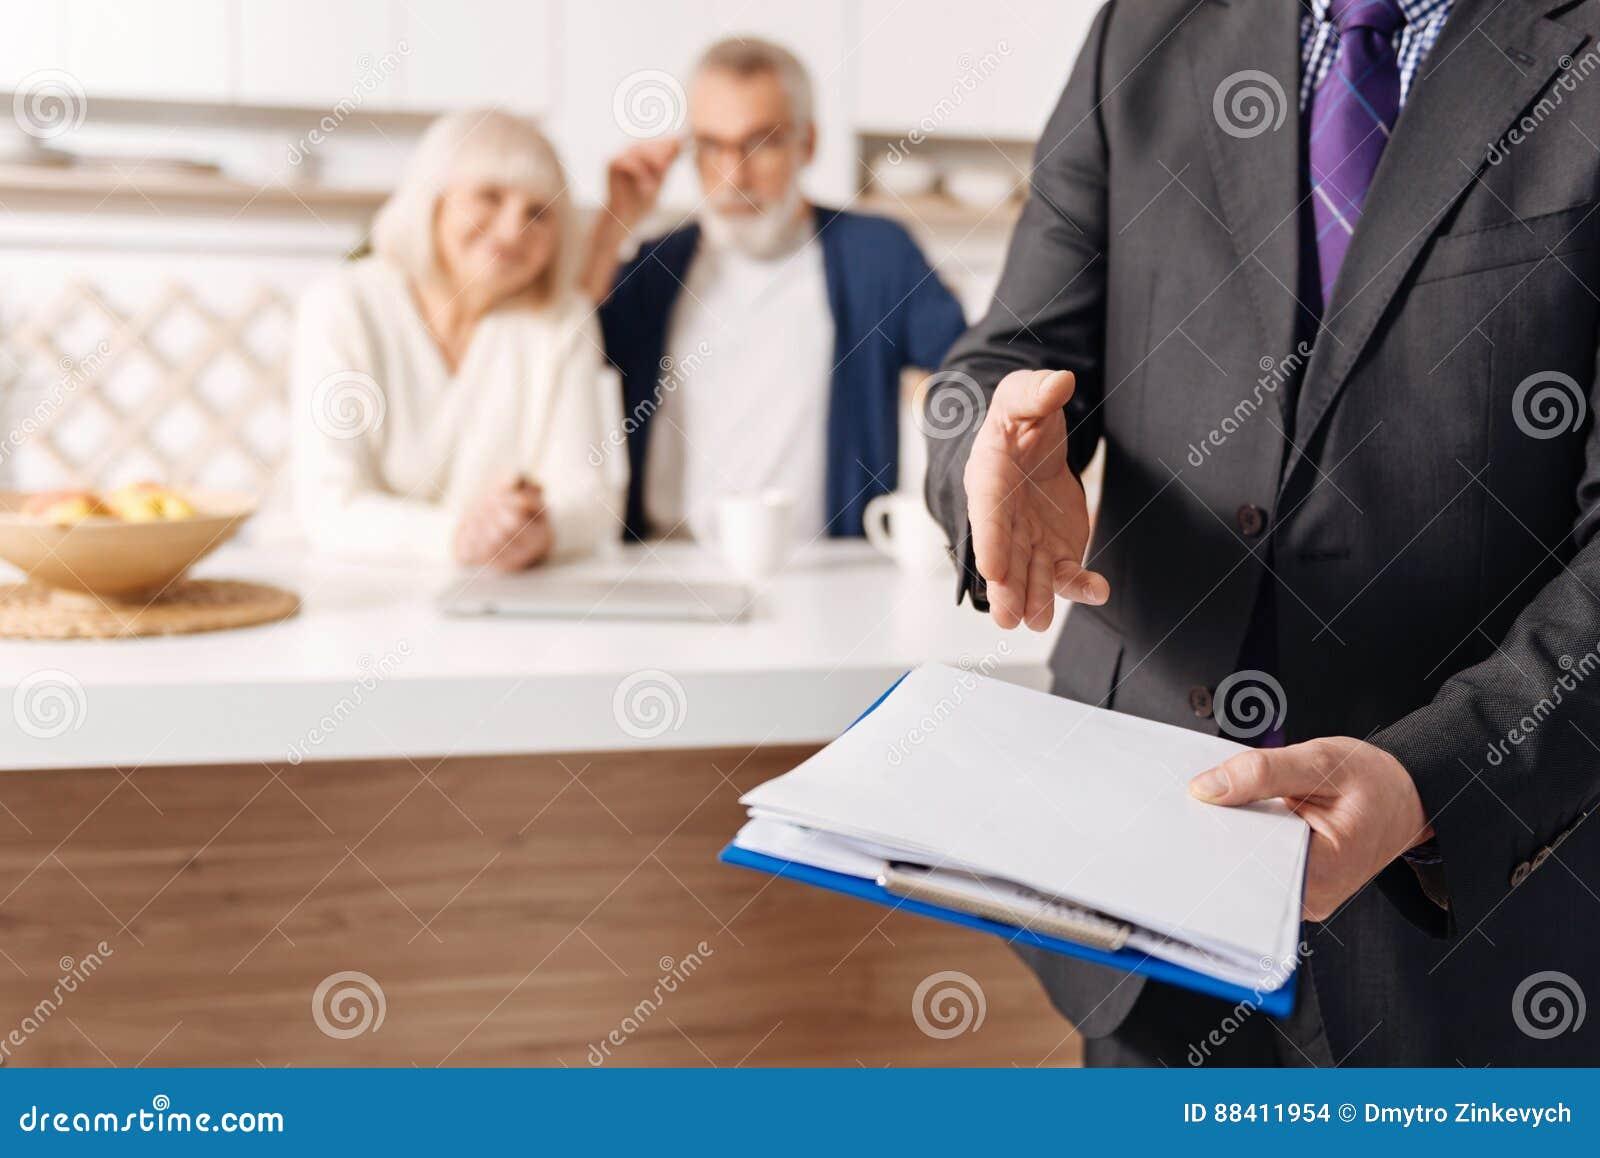 aa5d175d20c Conseiller crédible de sécurité sociale démontrant le document pour les  couples pluss âgé